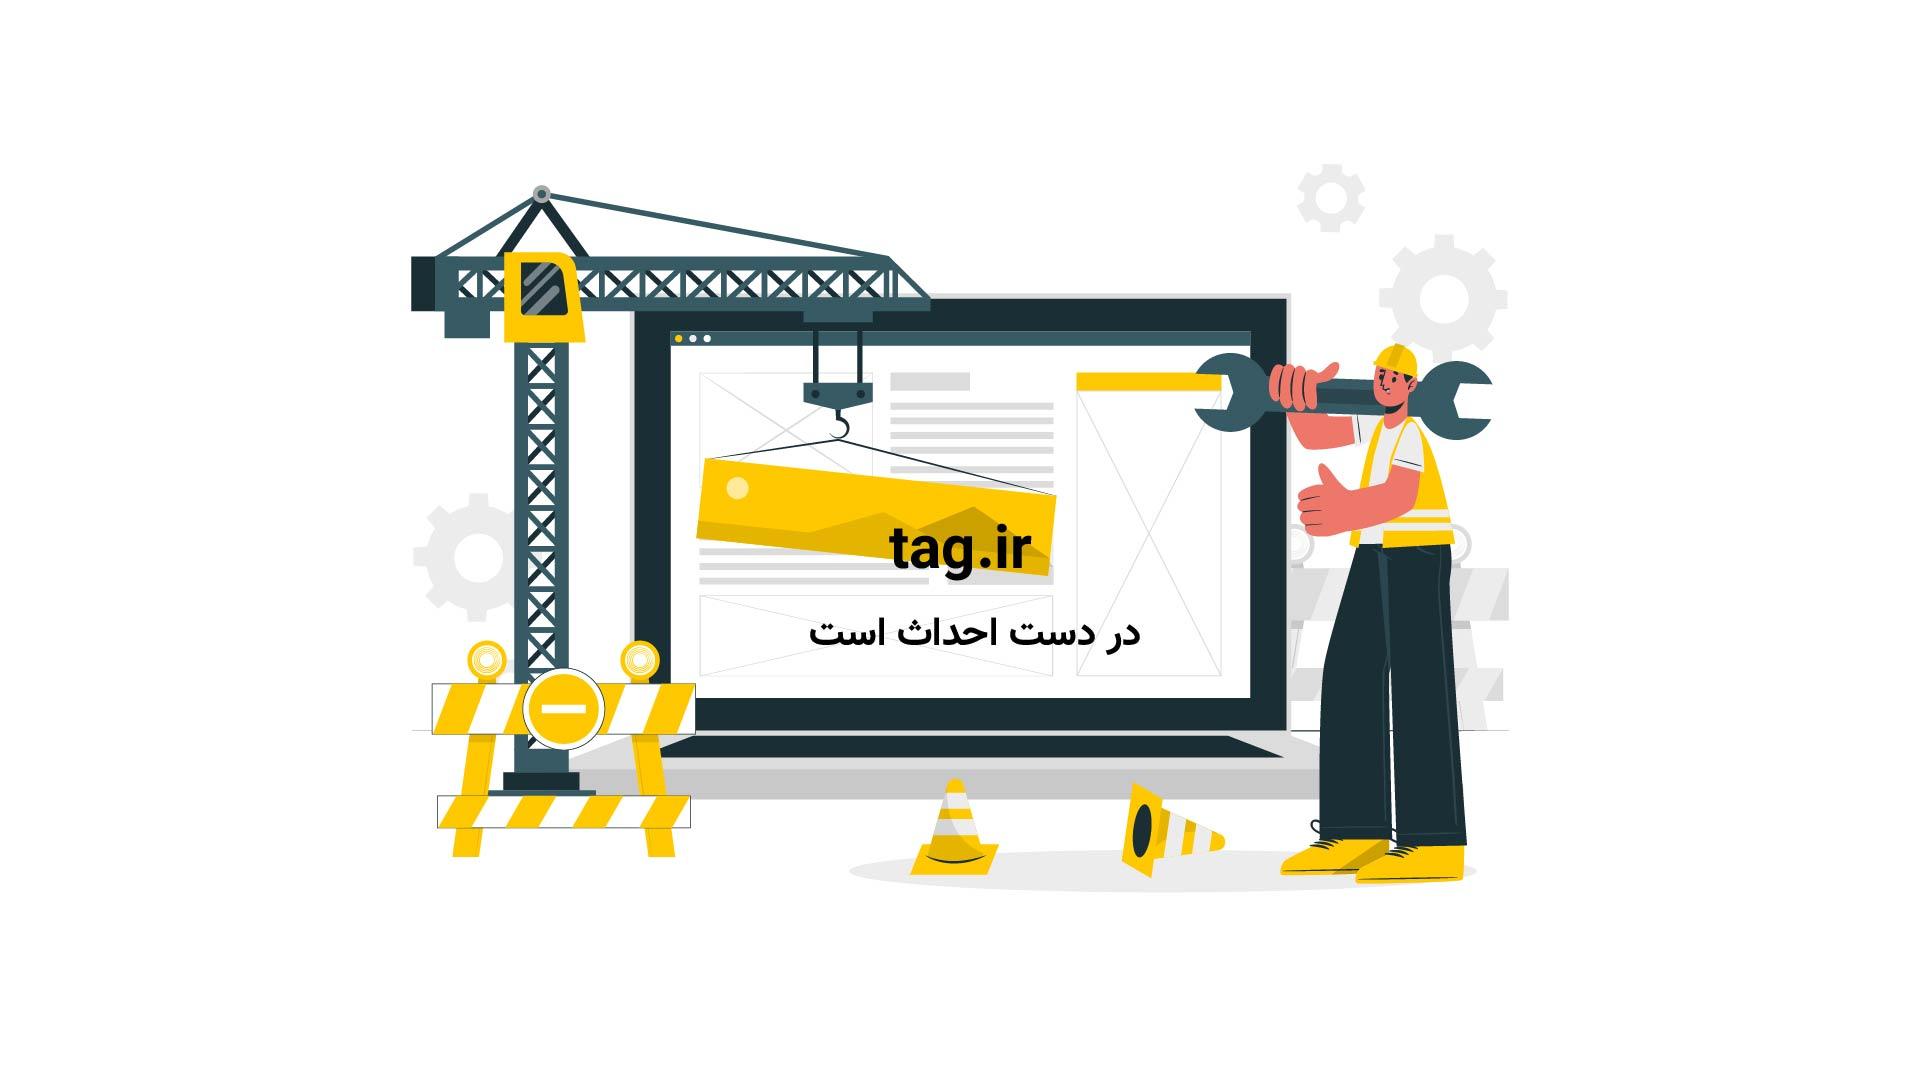 سوار طوفان جنگ افزار روسیه | تگ